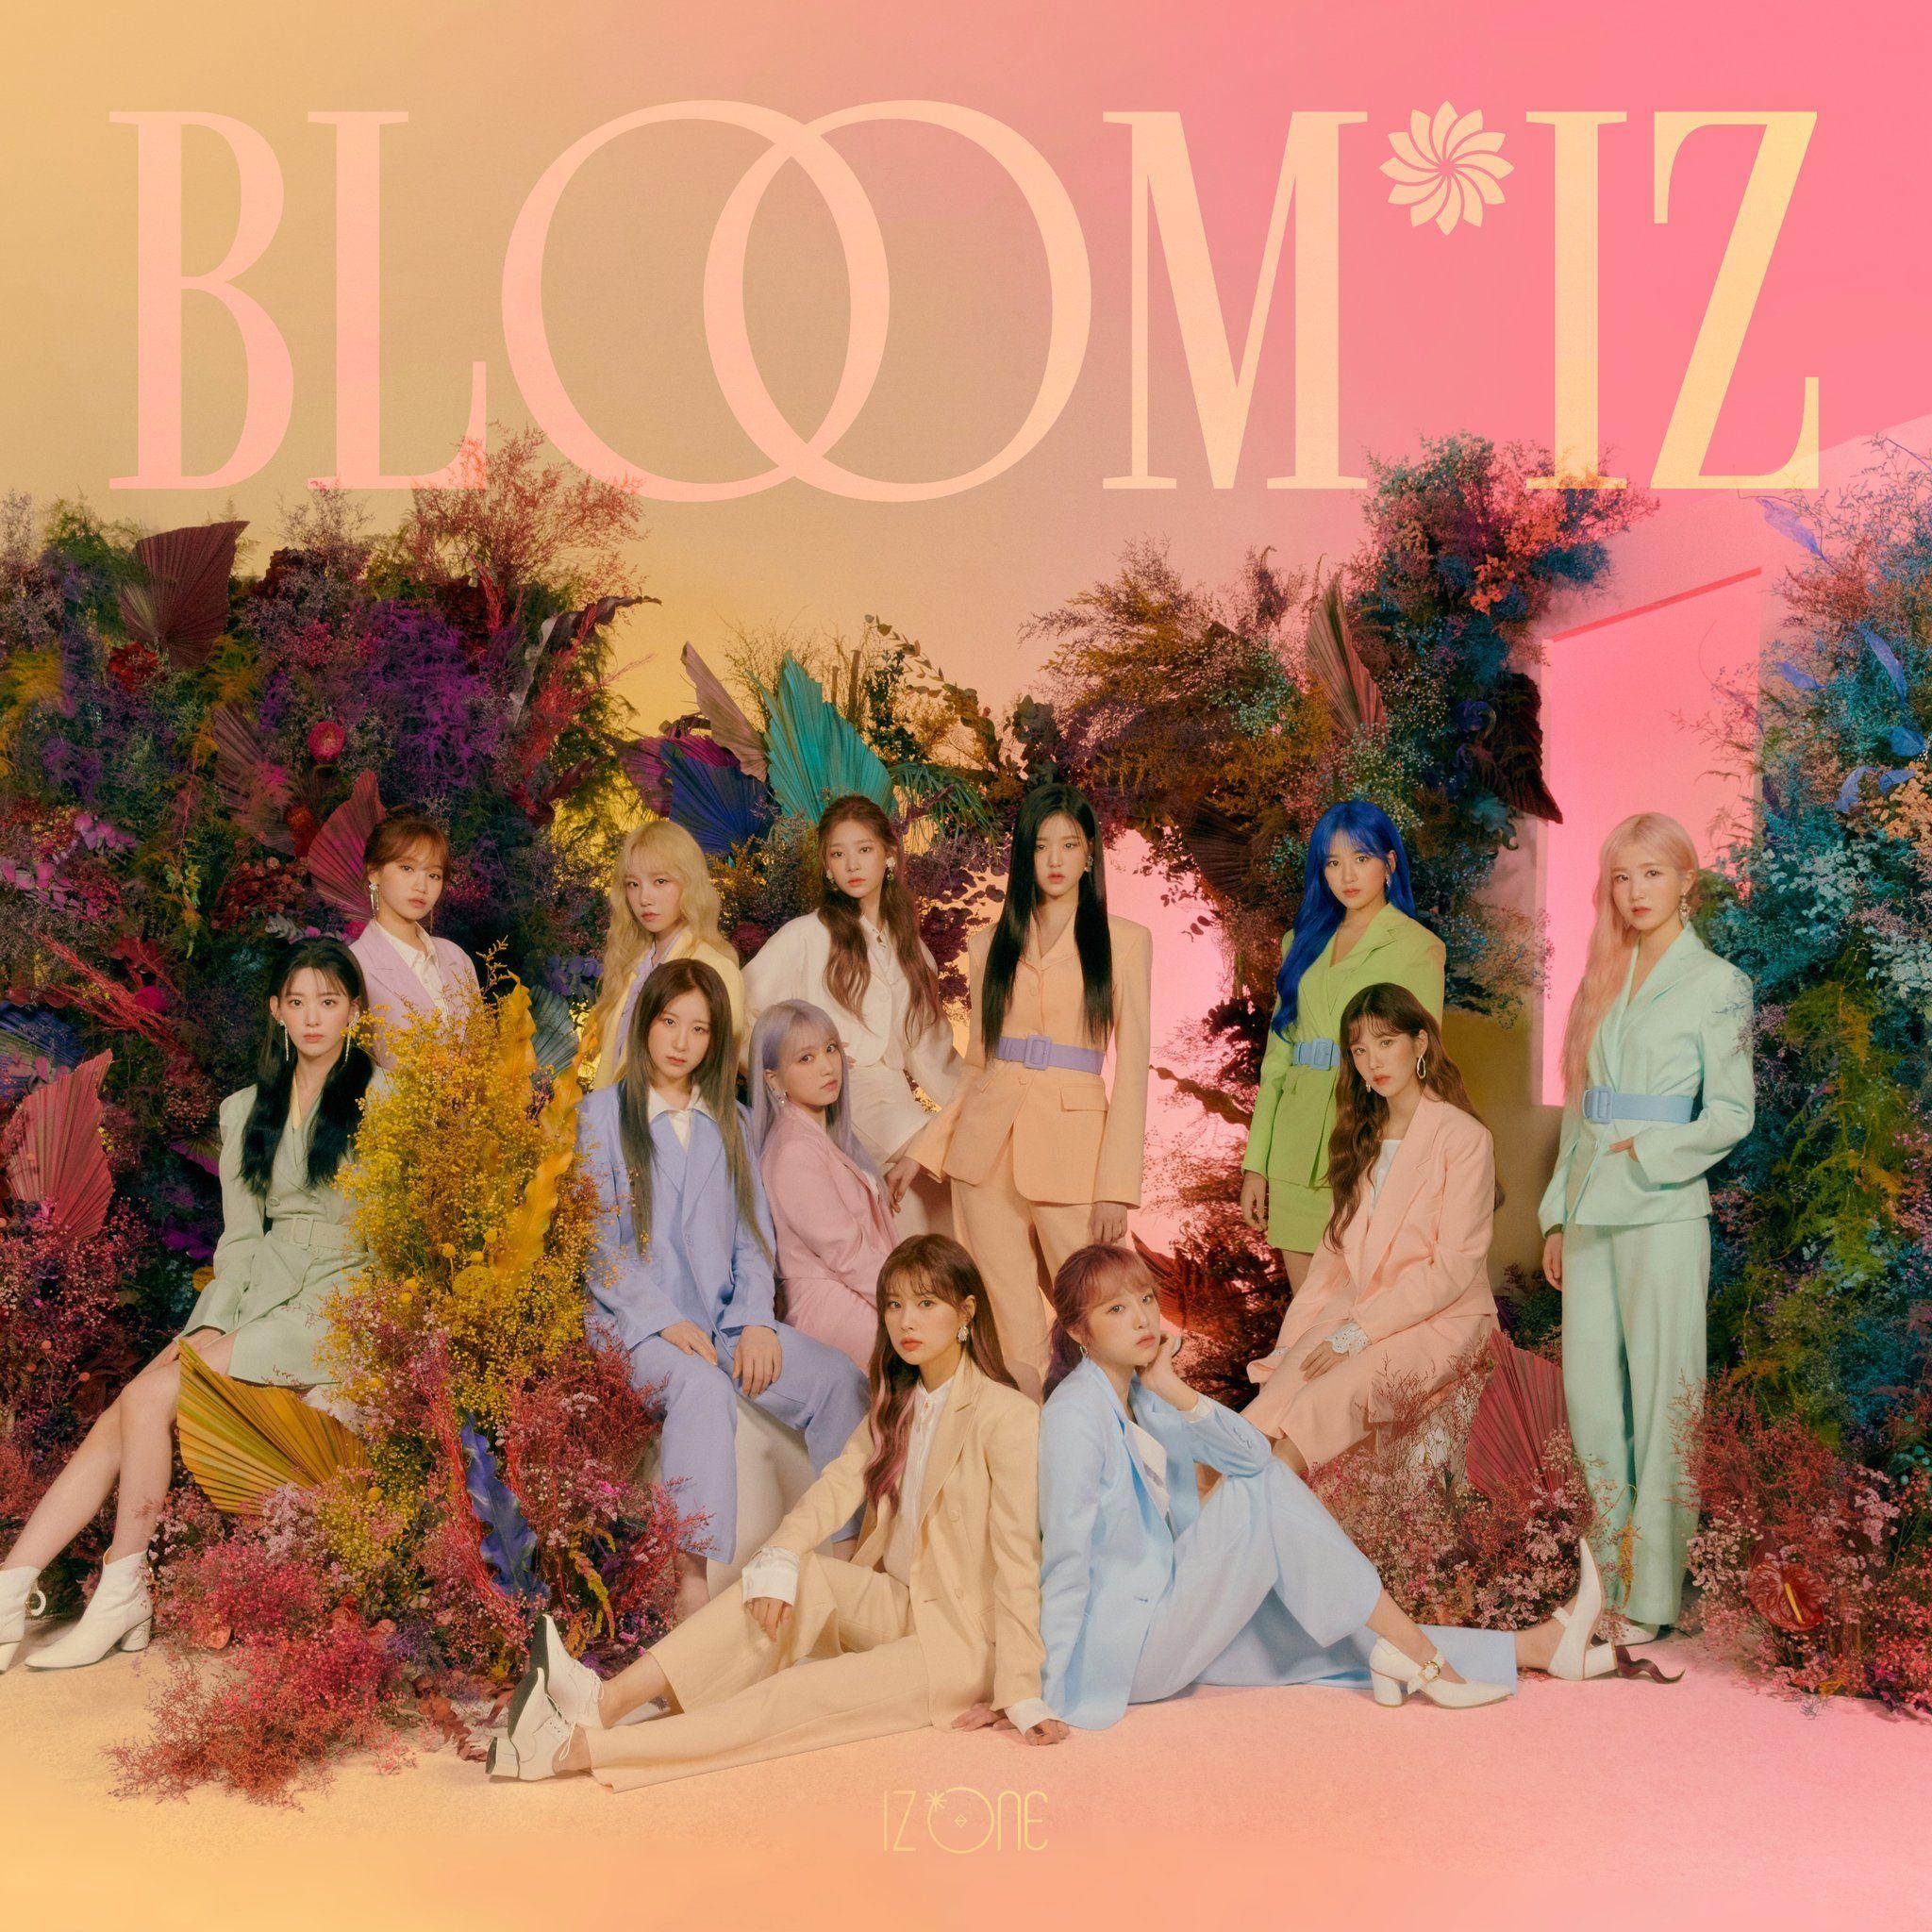 Iz One In 2020 Album Covers Bloom Album